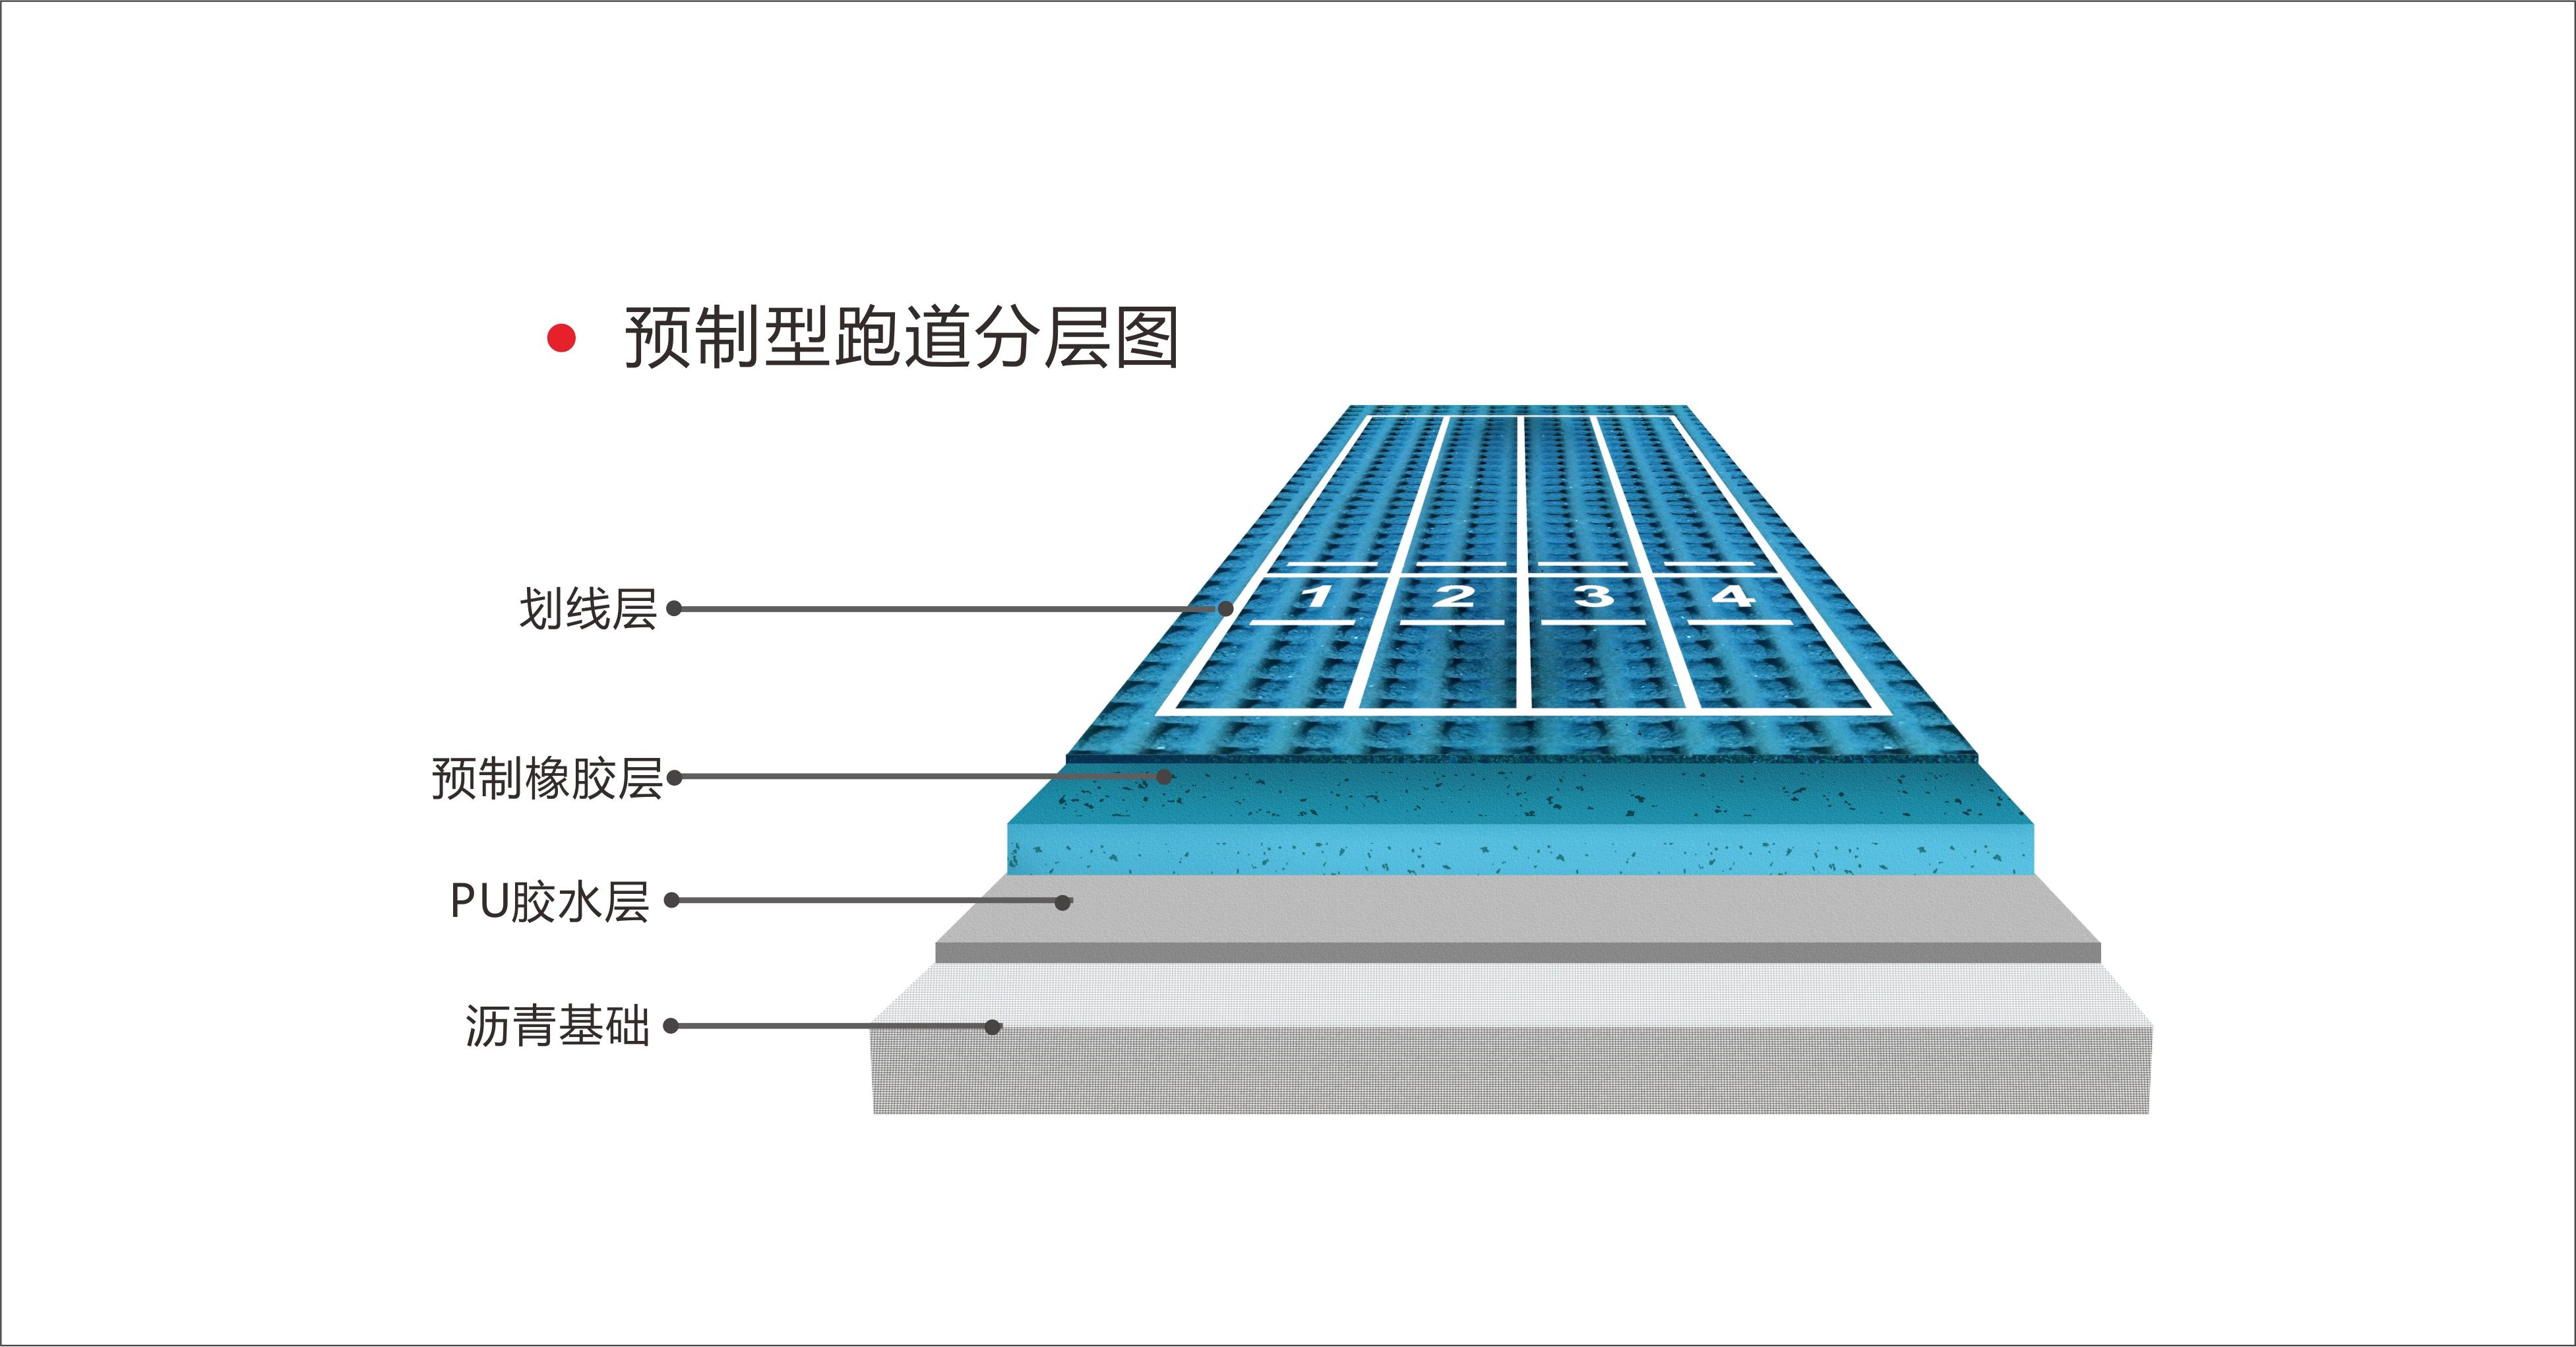 预制型跑道_建企商盟-建筑建材产业的云采购联盟平台